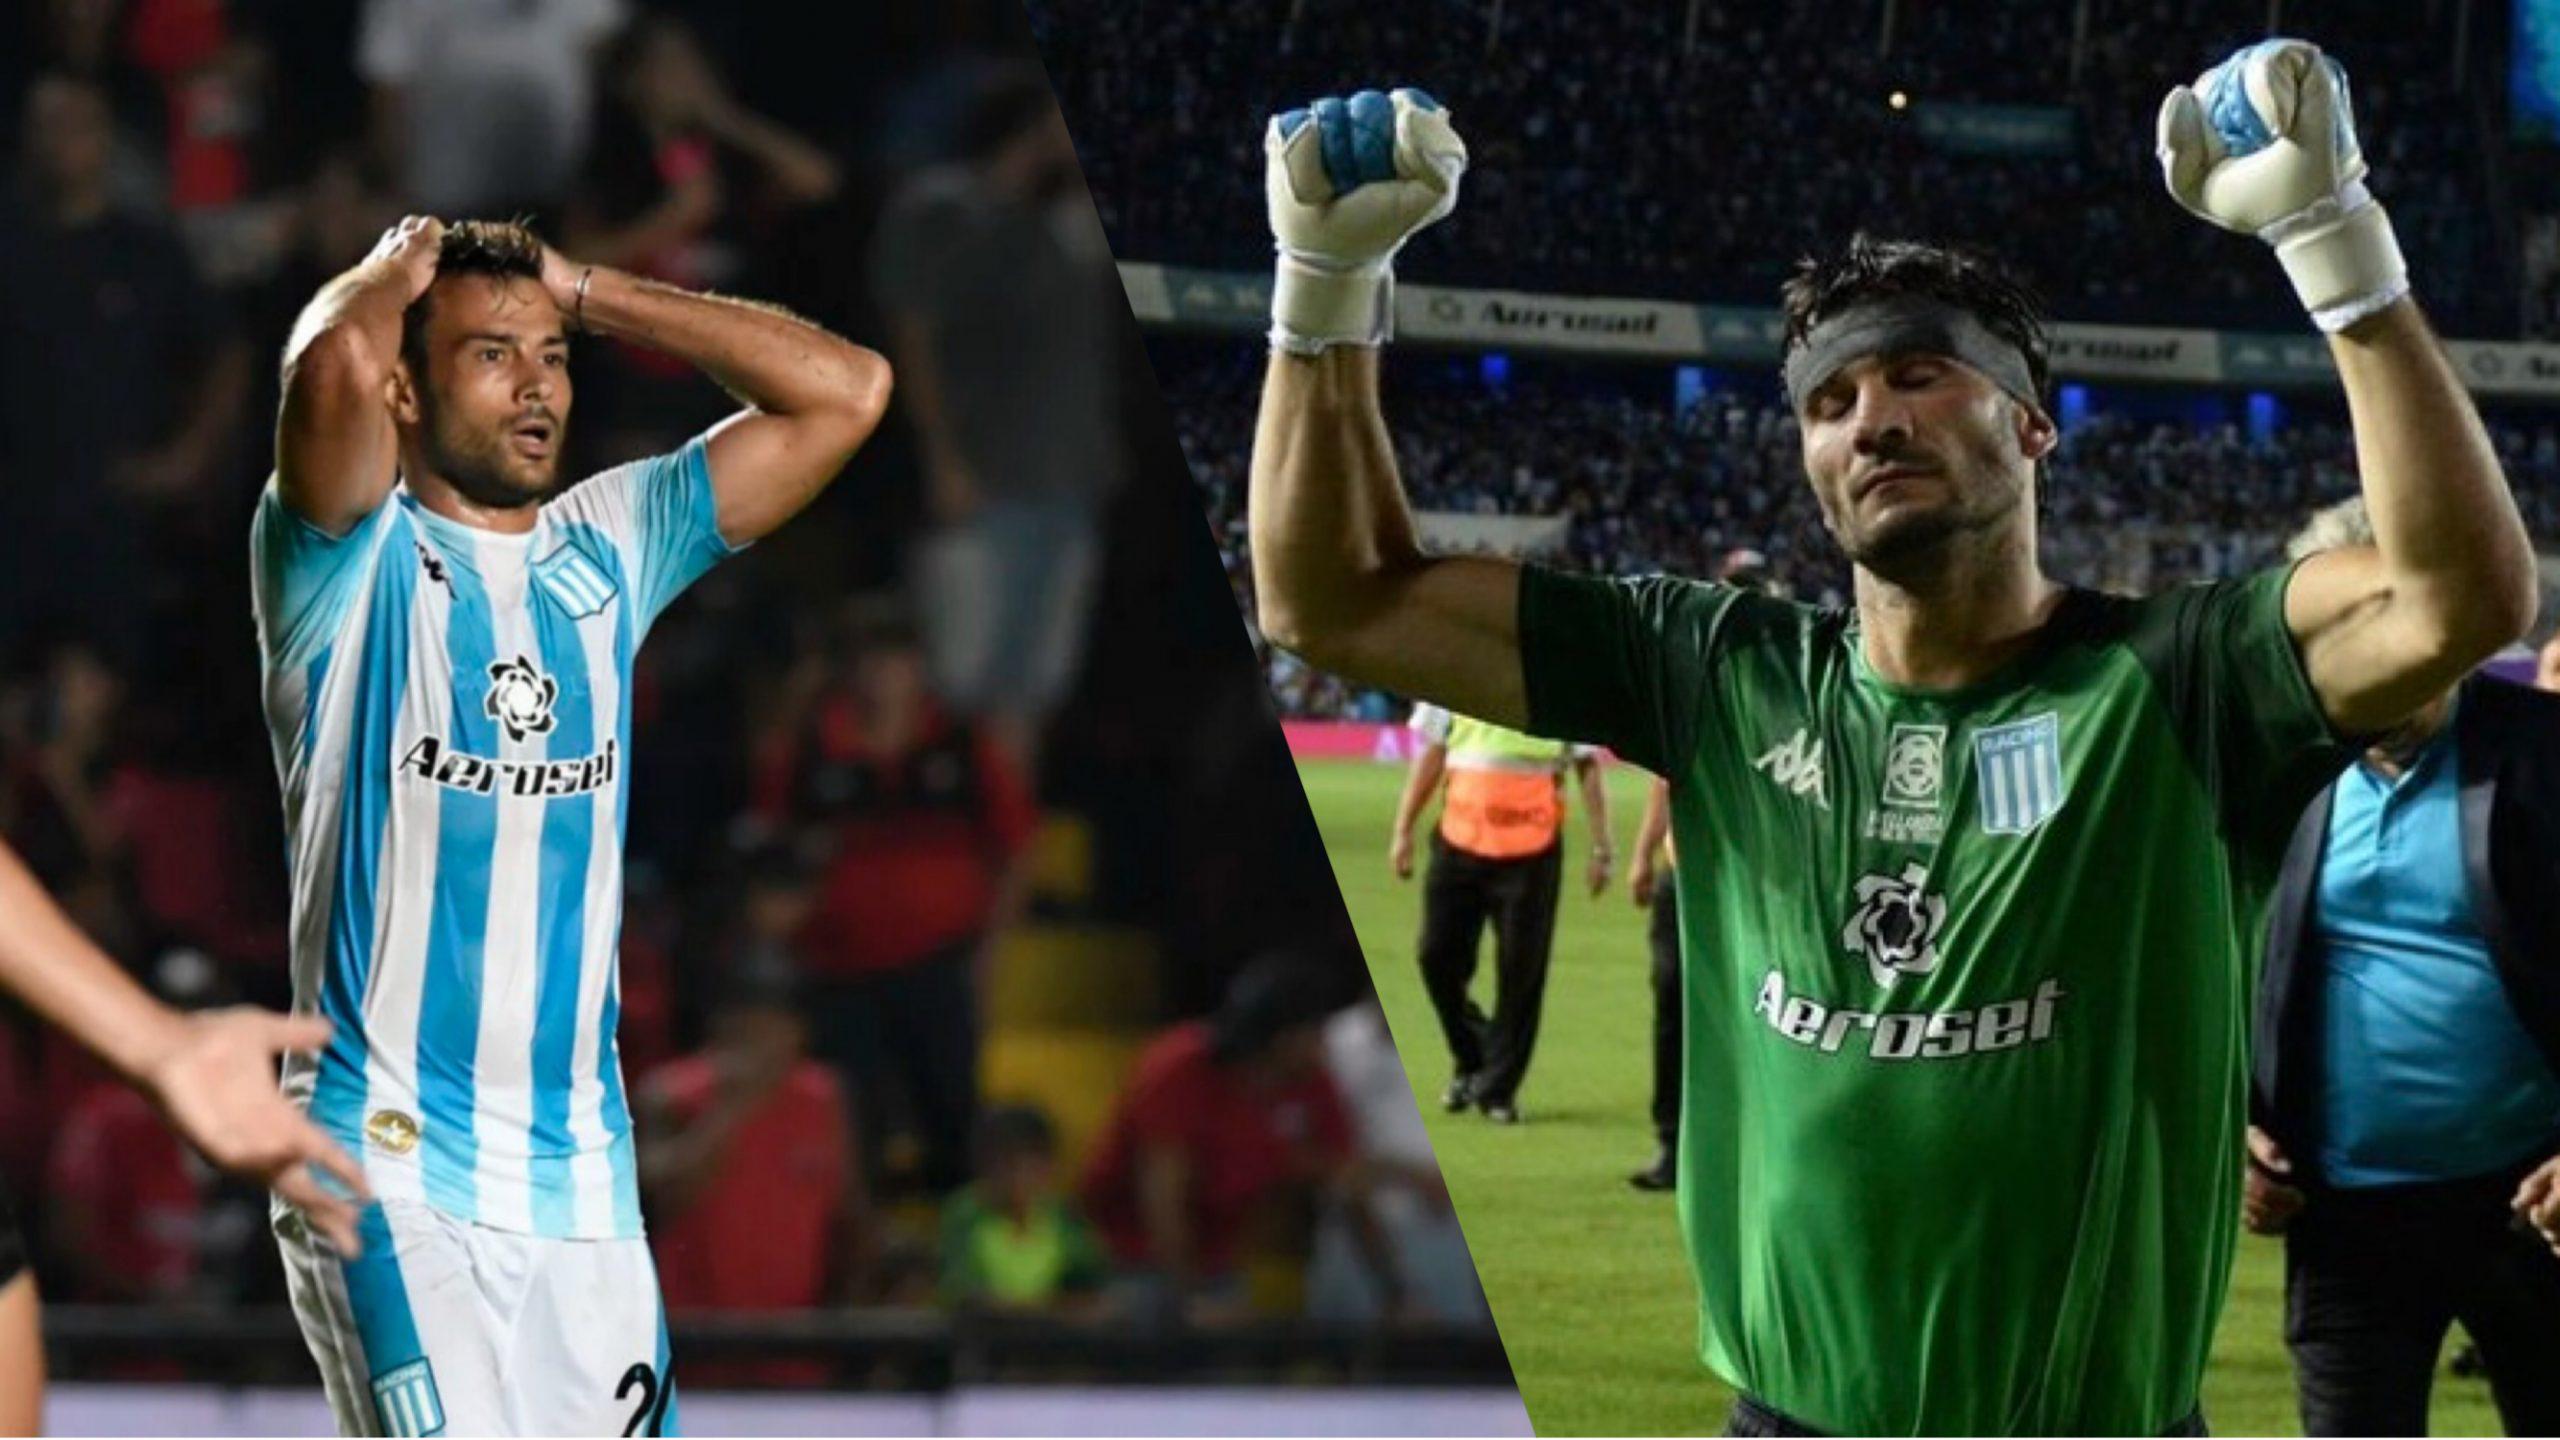 ¿Qué pasará con Cvitanich y García?